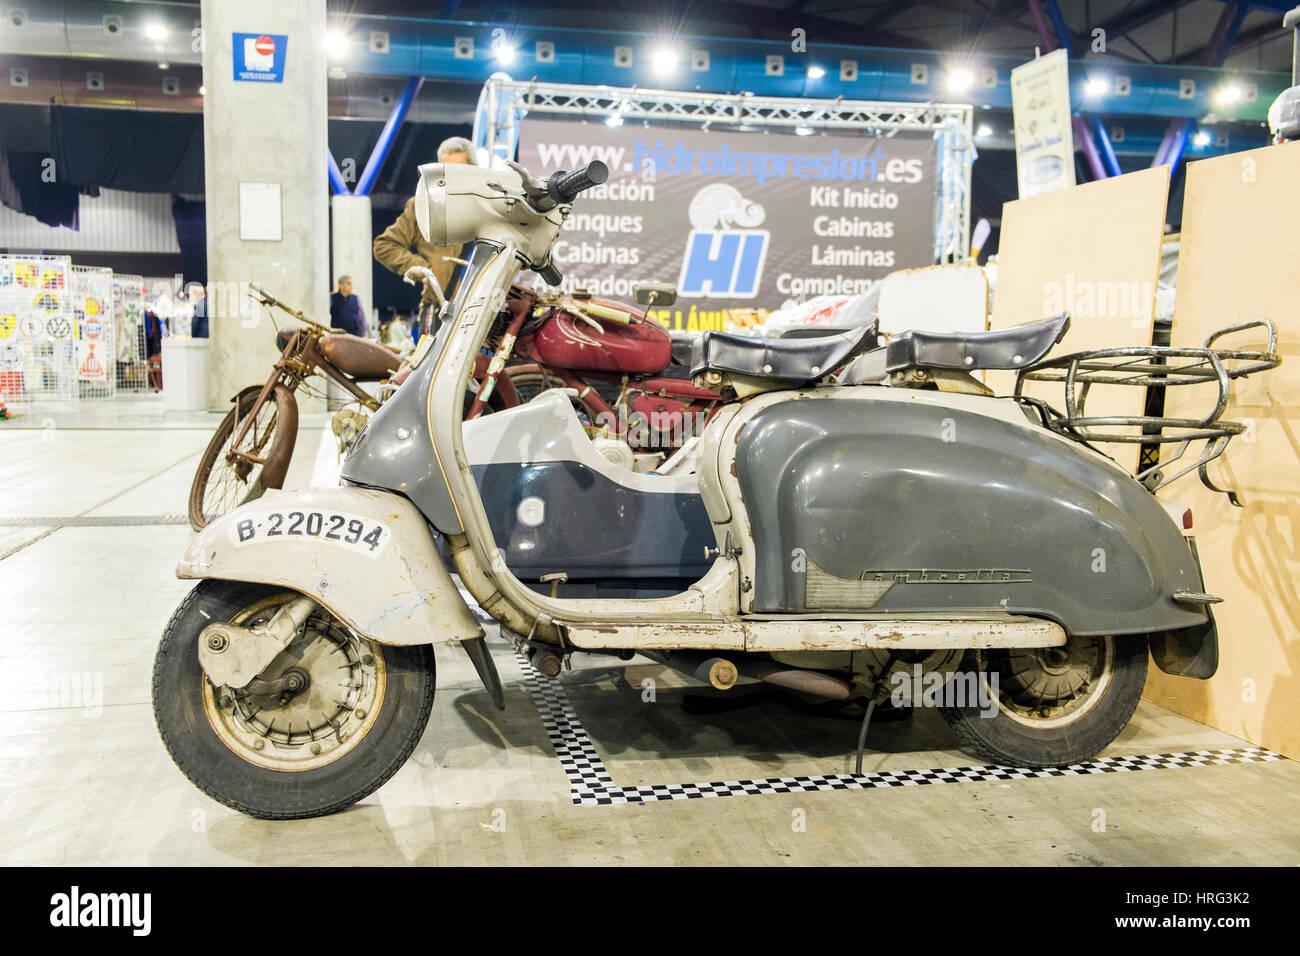 1960 Lambretta. Barcelona plate, Spain - Stock Image